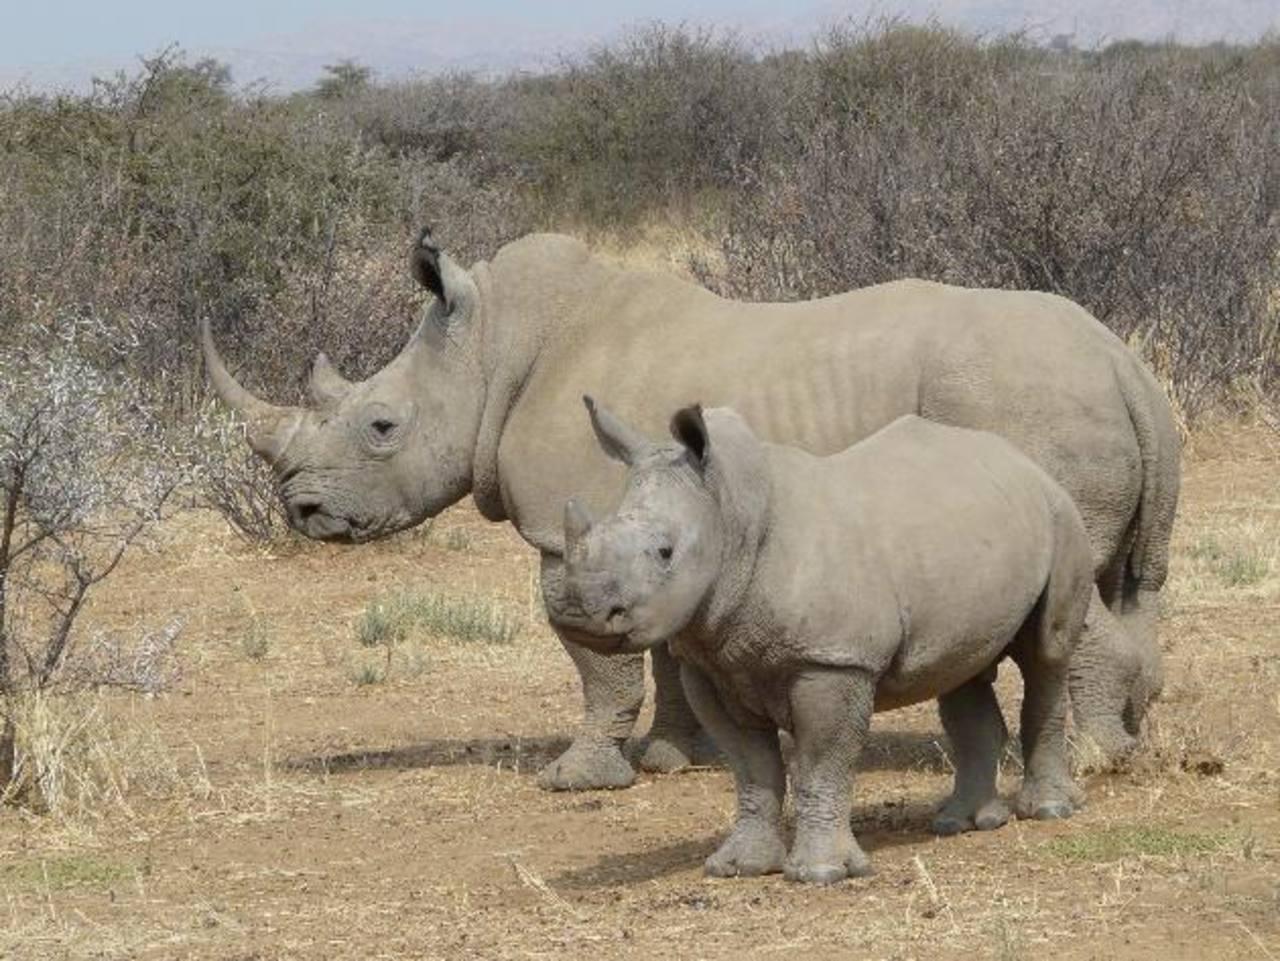 Miles de rinocerontes han muerto en los últimos años debido a las cualidades curativas y sexuales que se atribuyen a las pócimas hechas con su cuerpo. foto EDH